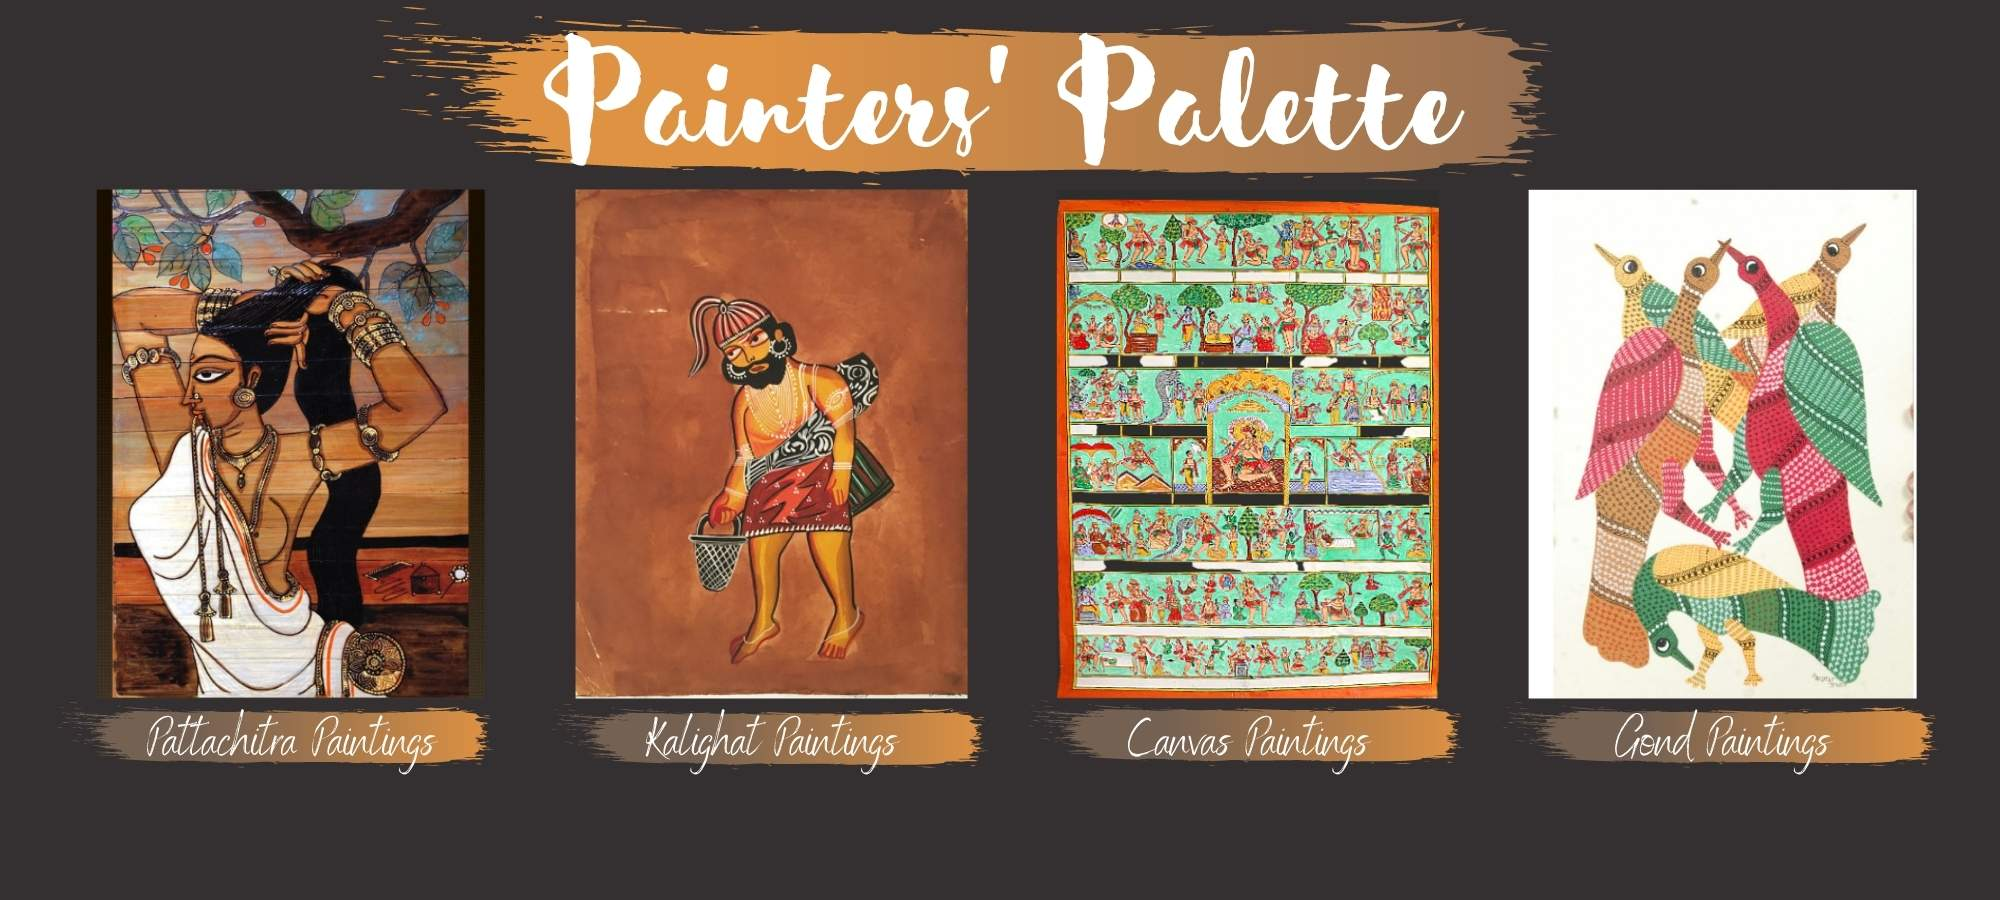 Painters' Palette